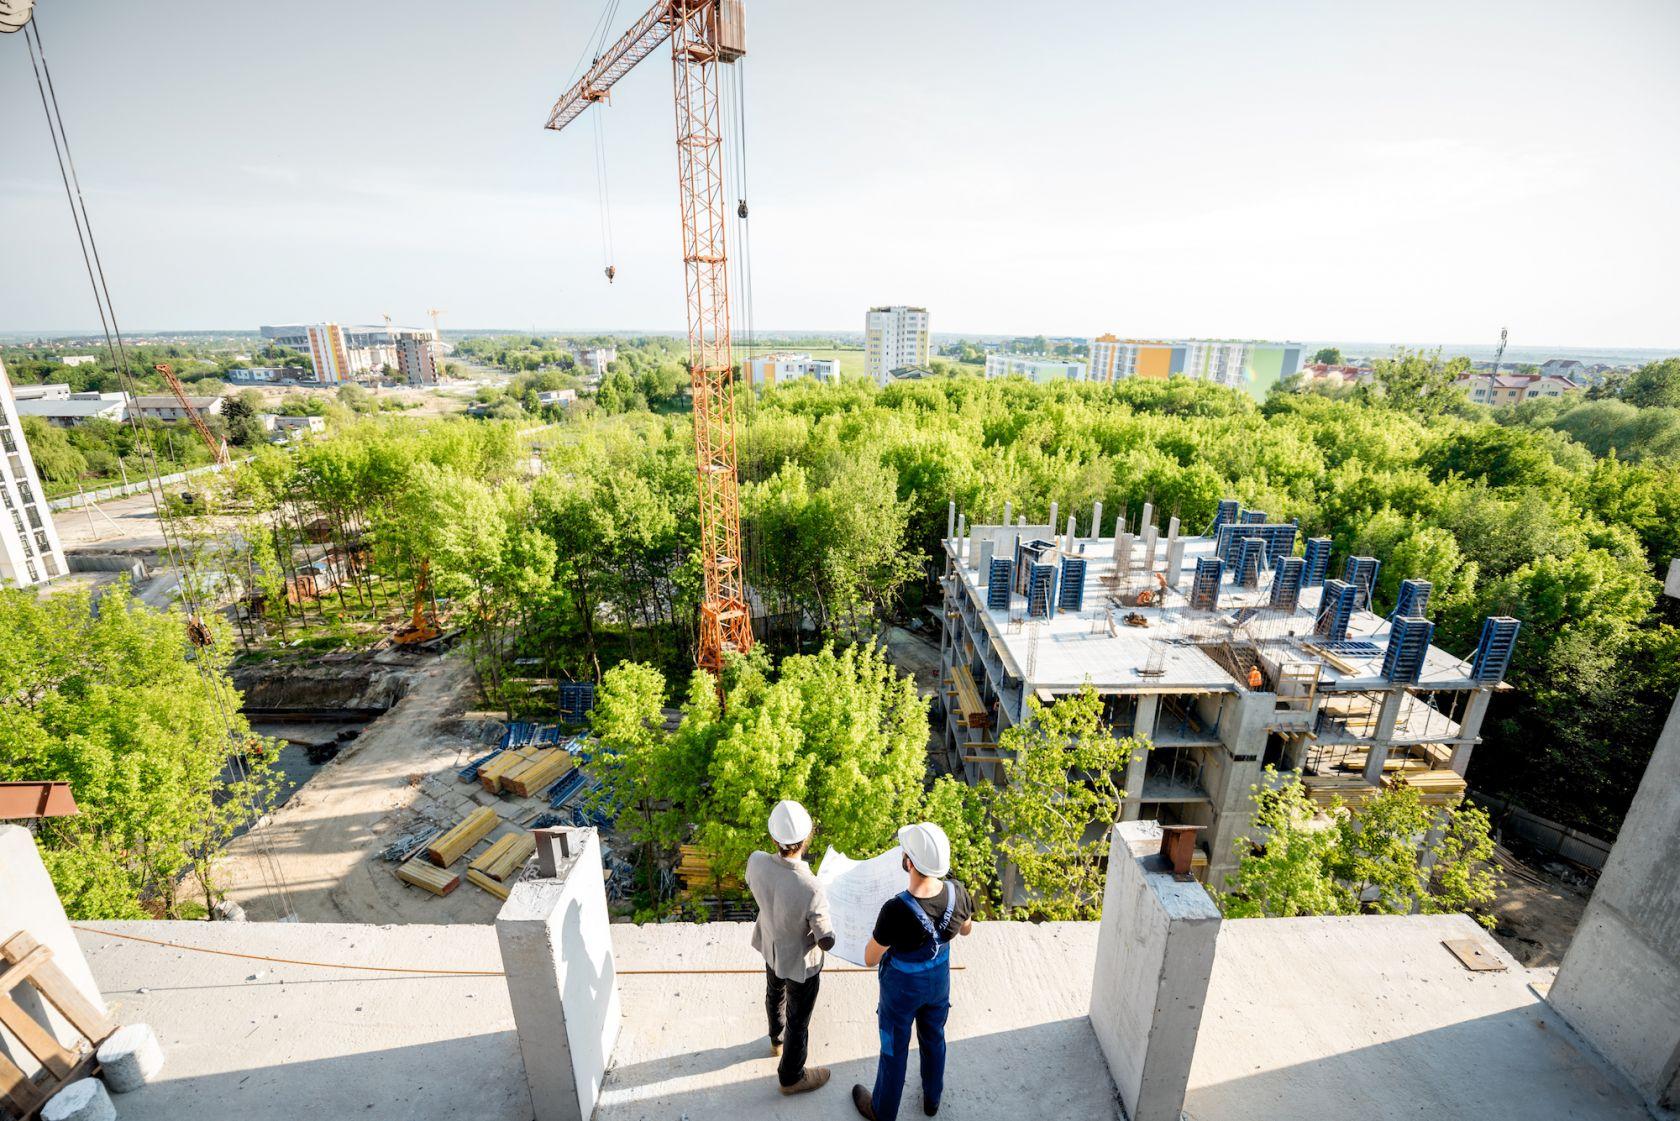 Overlooking construction of urban development